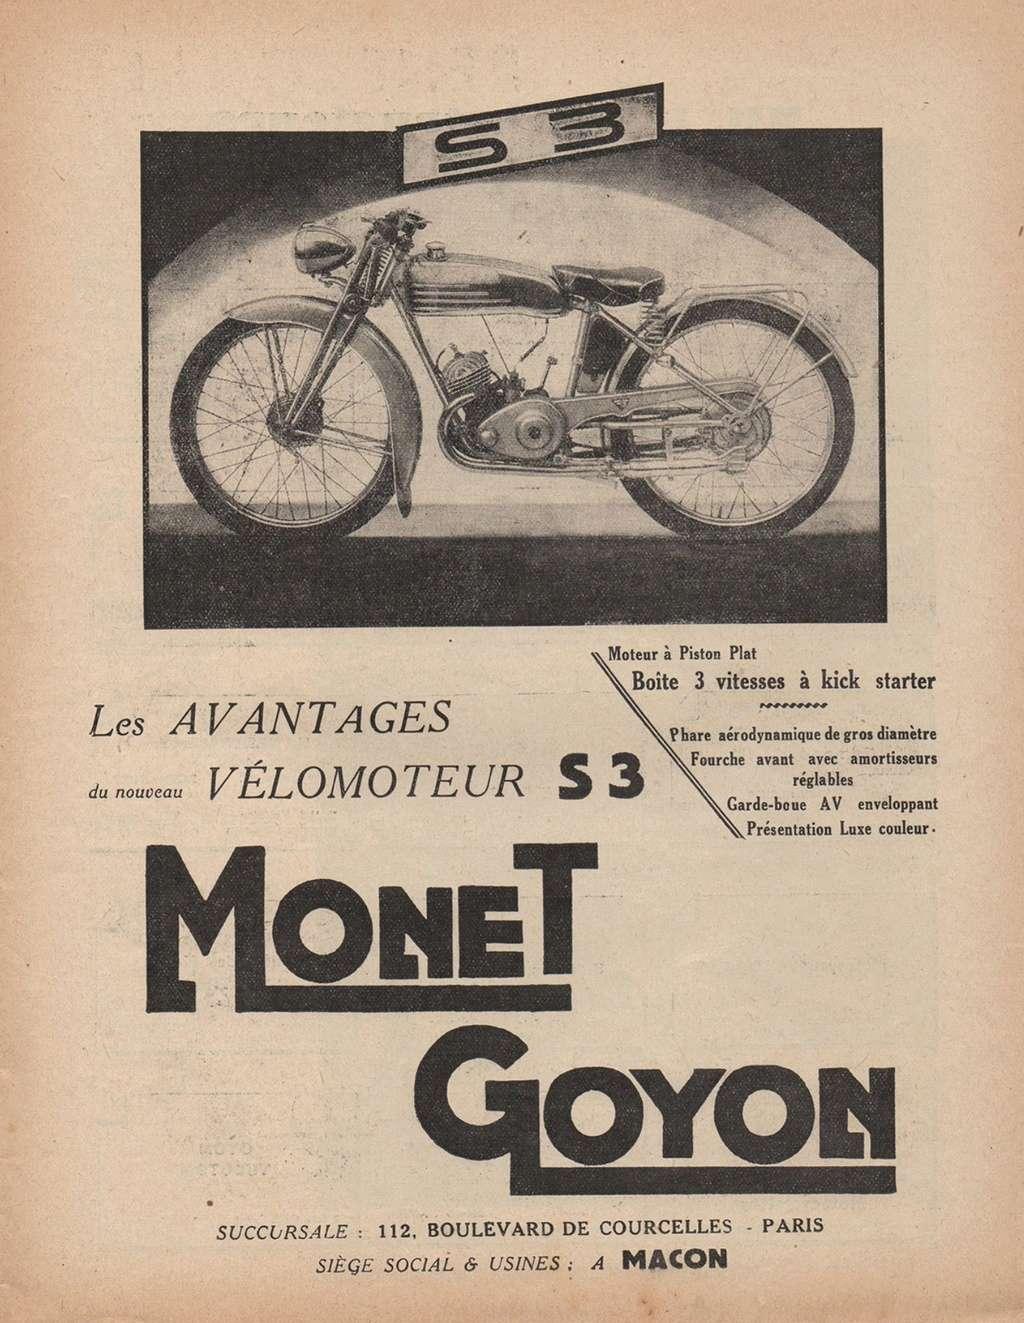 [DOC] Monet Goyon S3 - Essai Moto Revue 1936 et pubs d'époque Monet_12